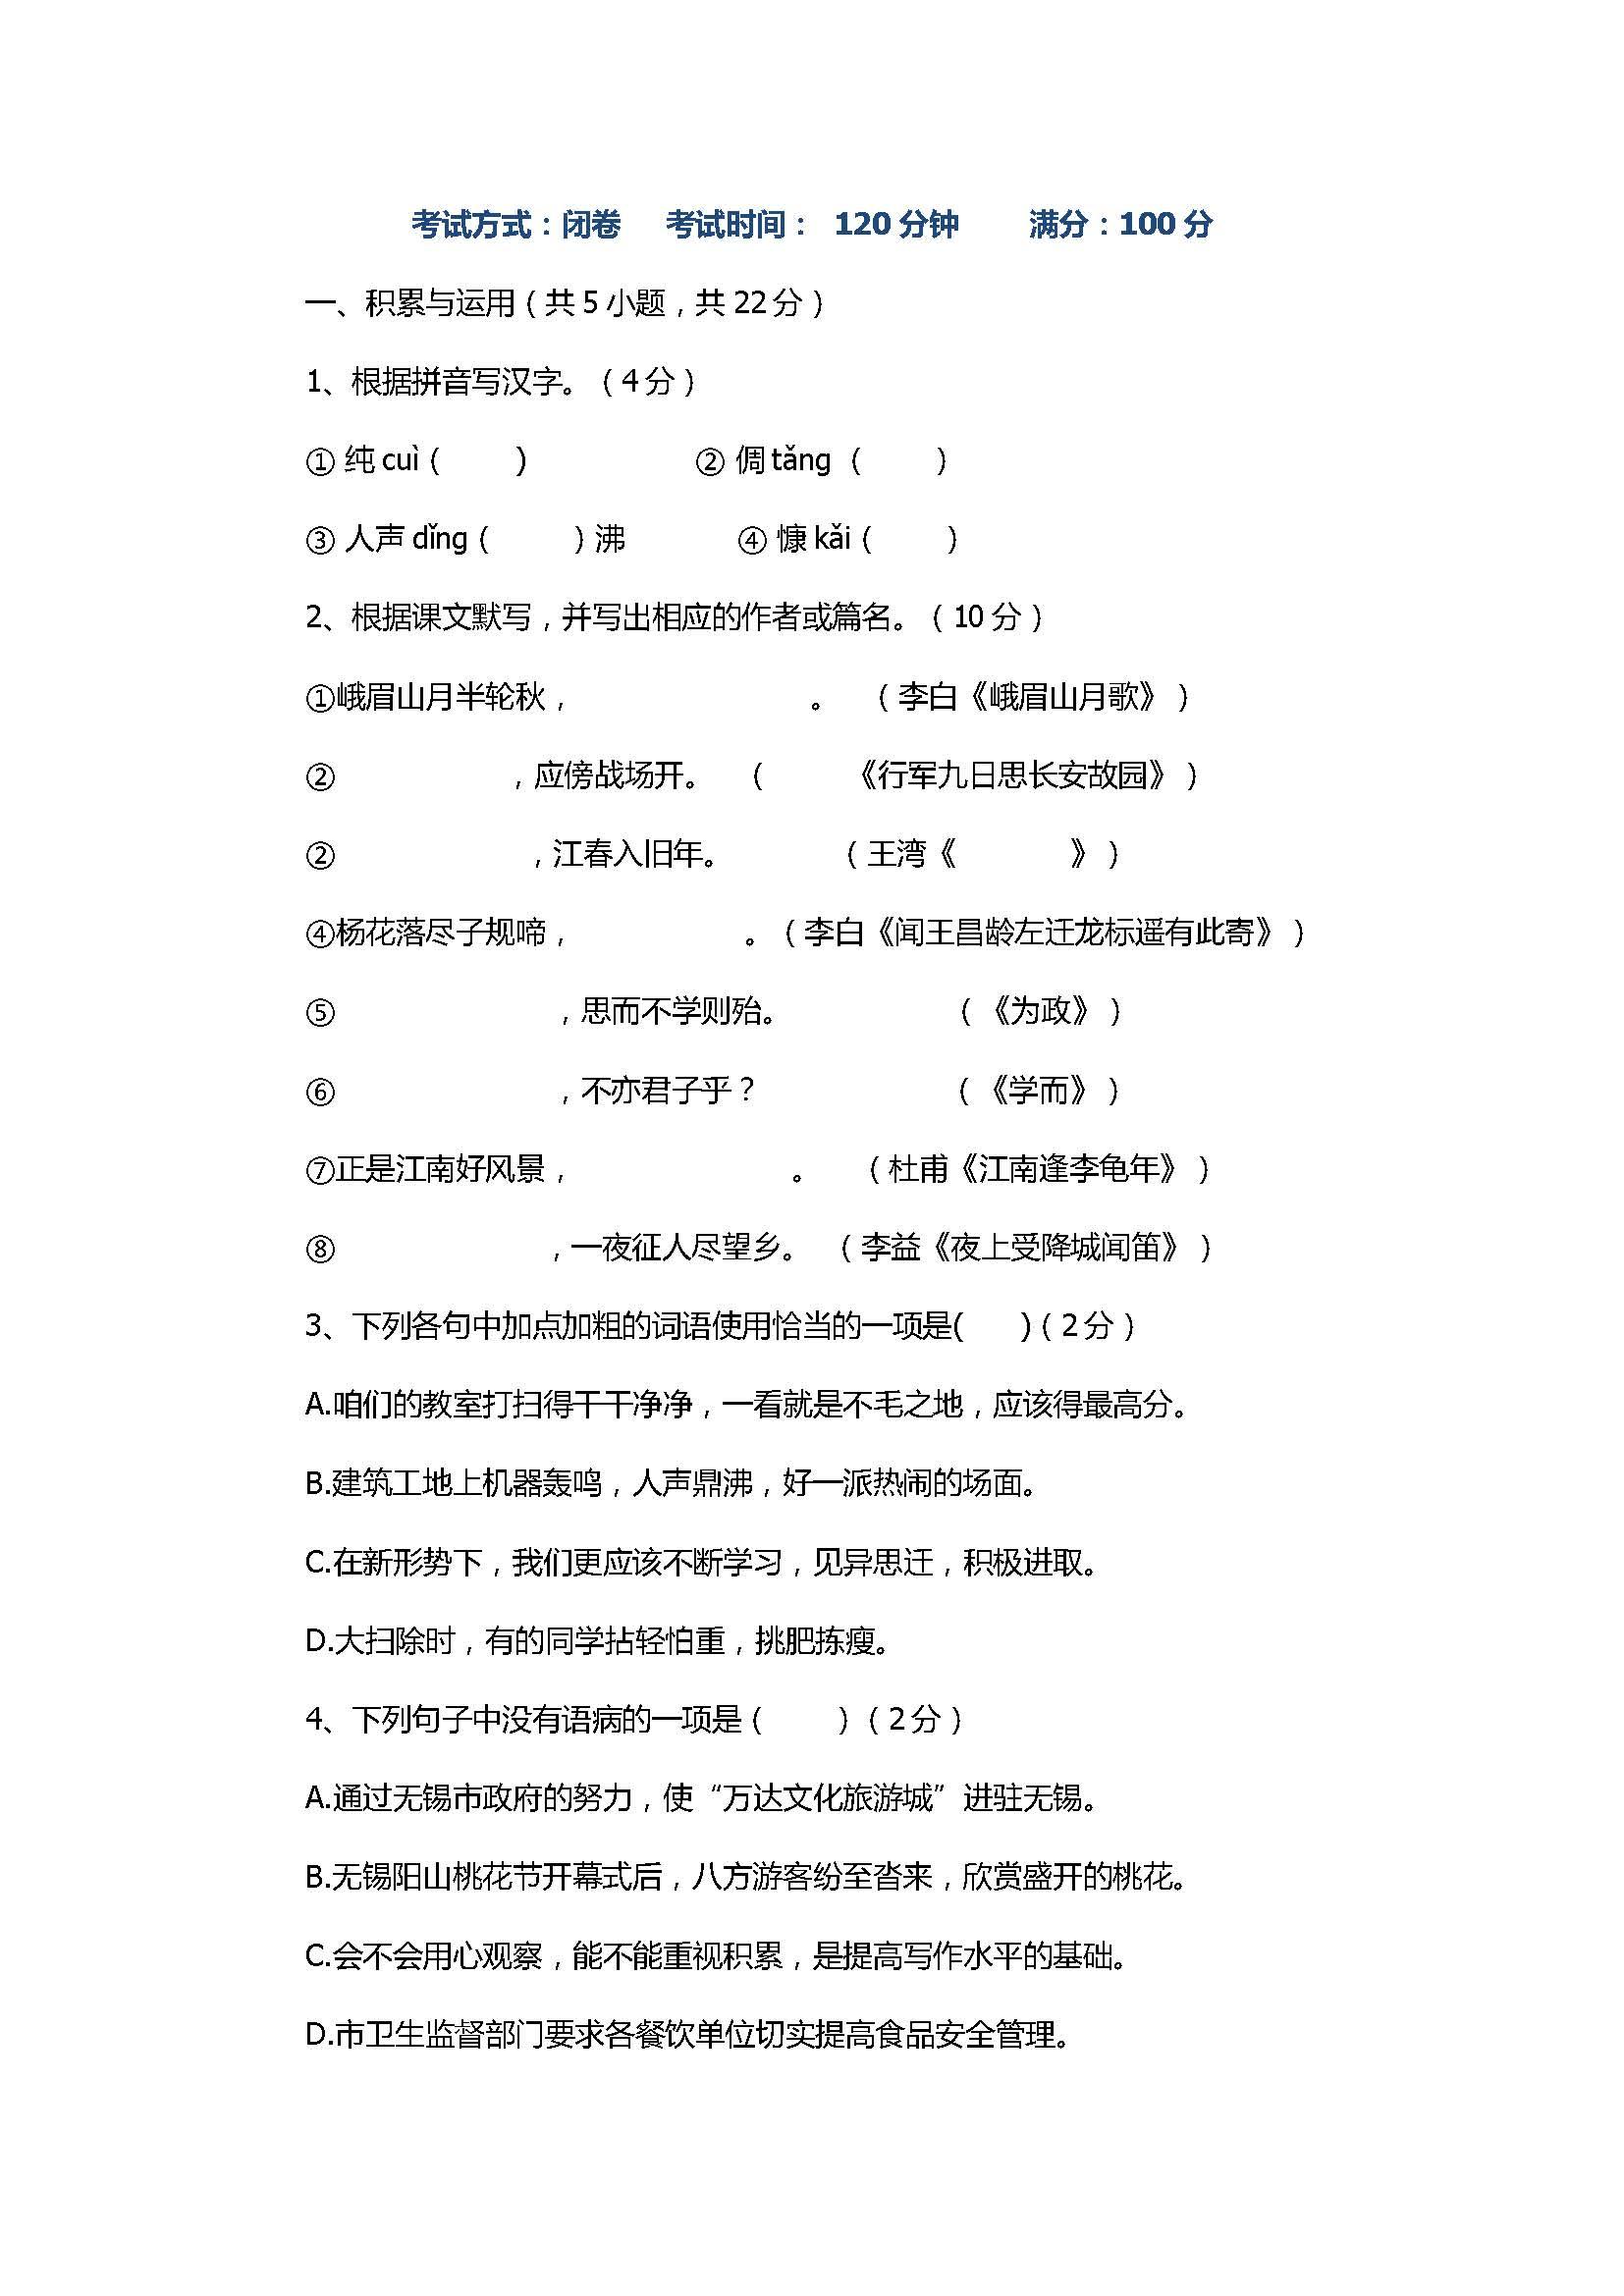 2017七年级语文上册期中联盟测试题附答案(宜兴市周铁学区)